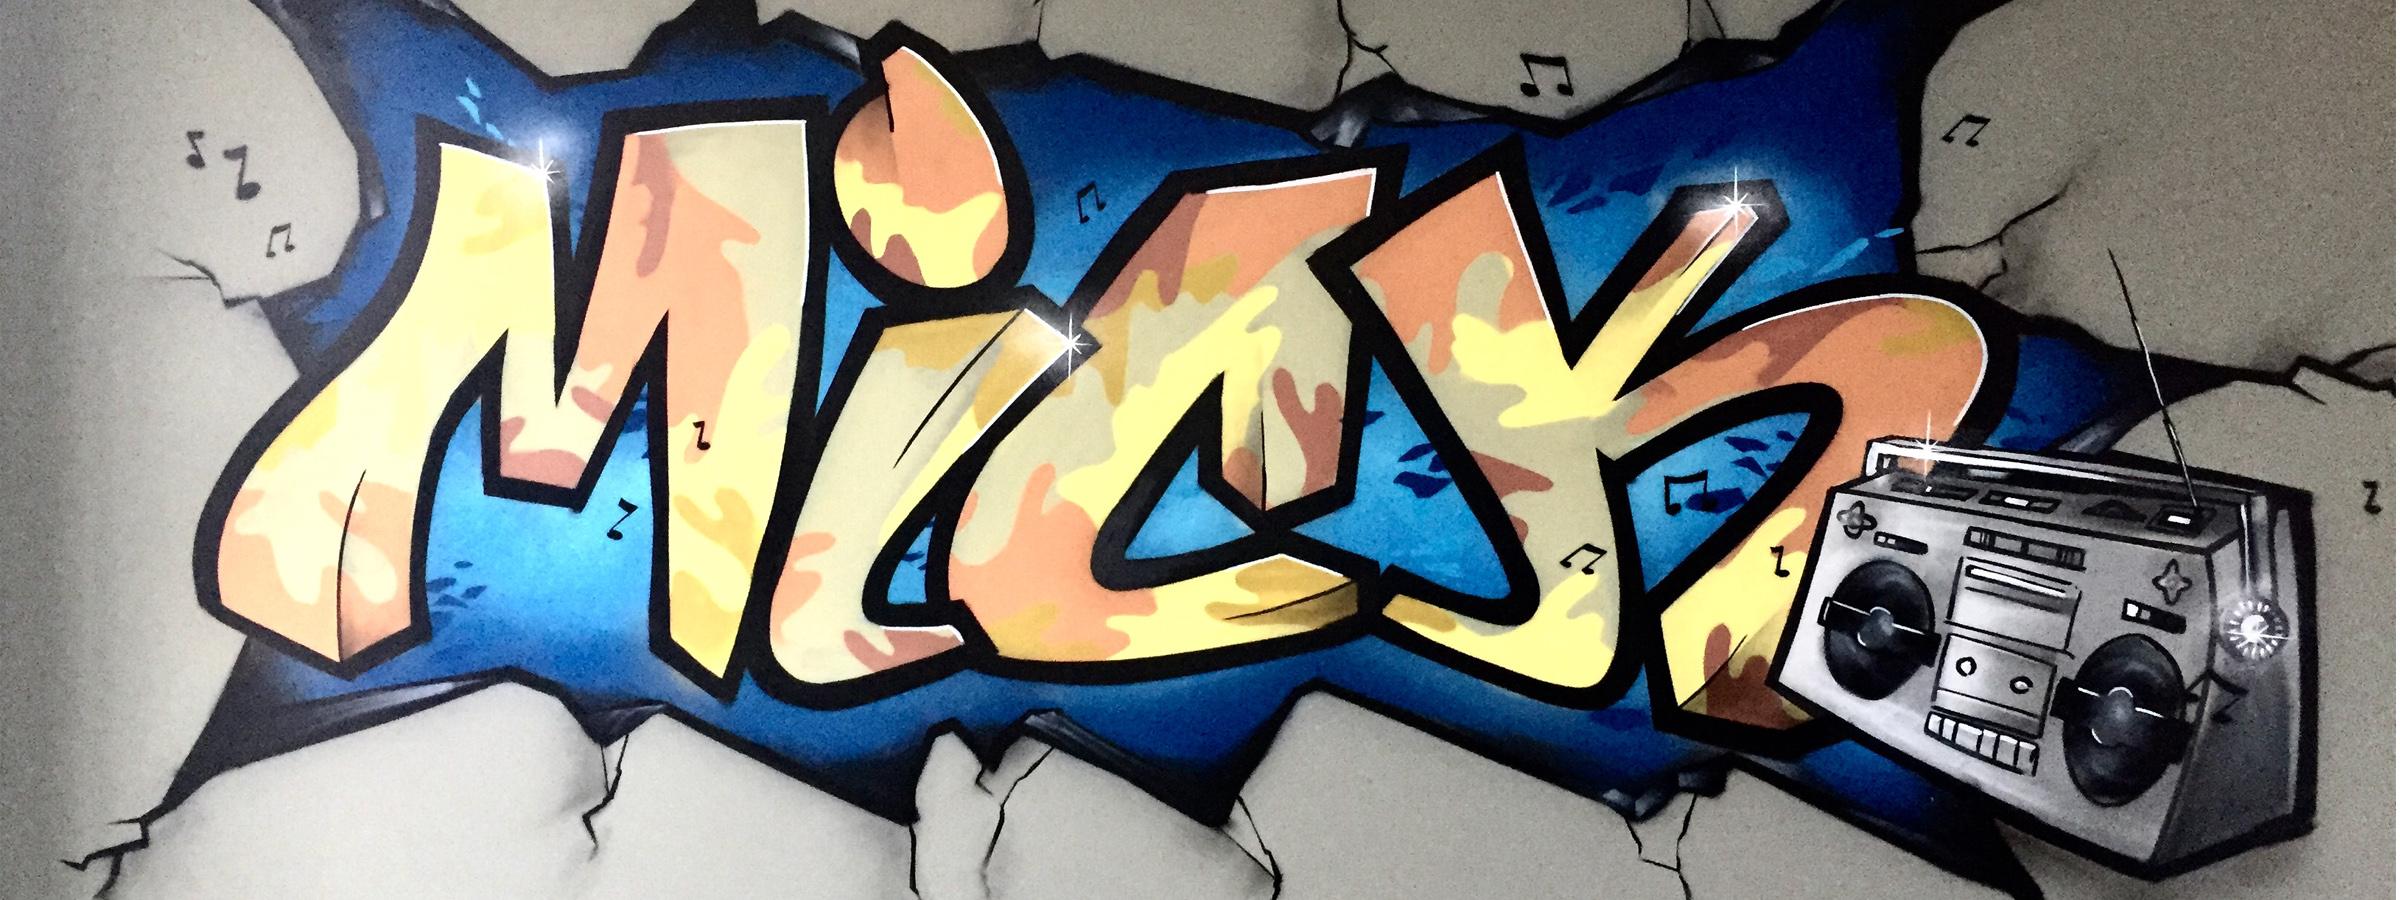 mick-2